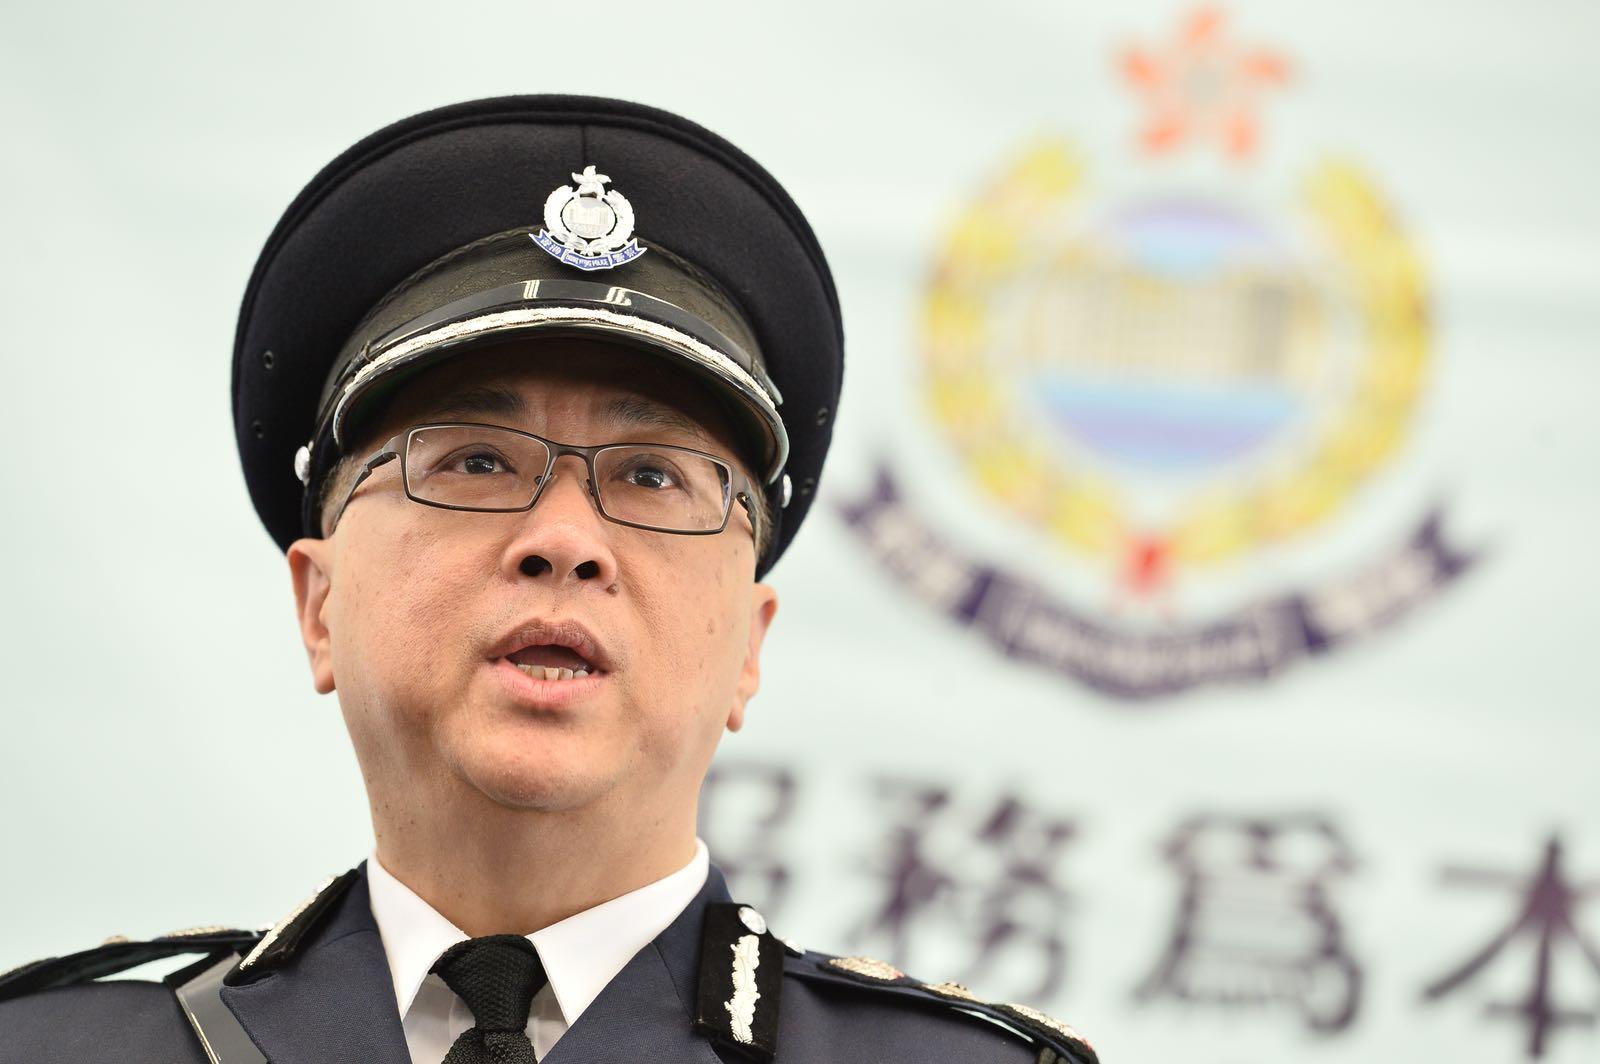 盧偉聰今年11月19日達退休年齡。